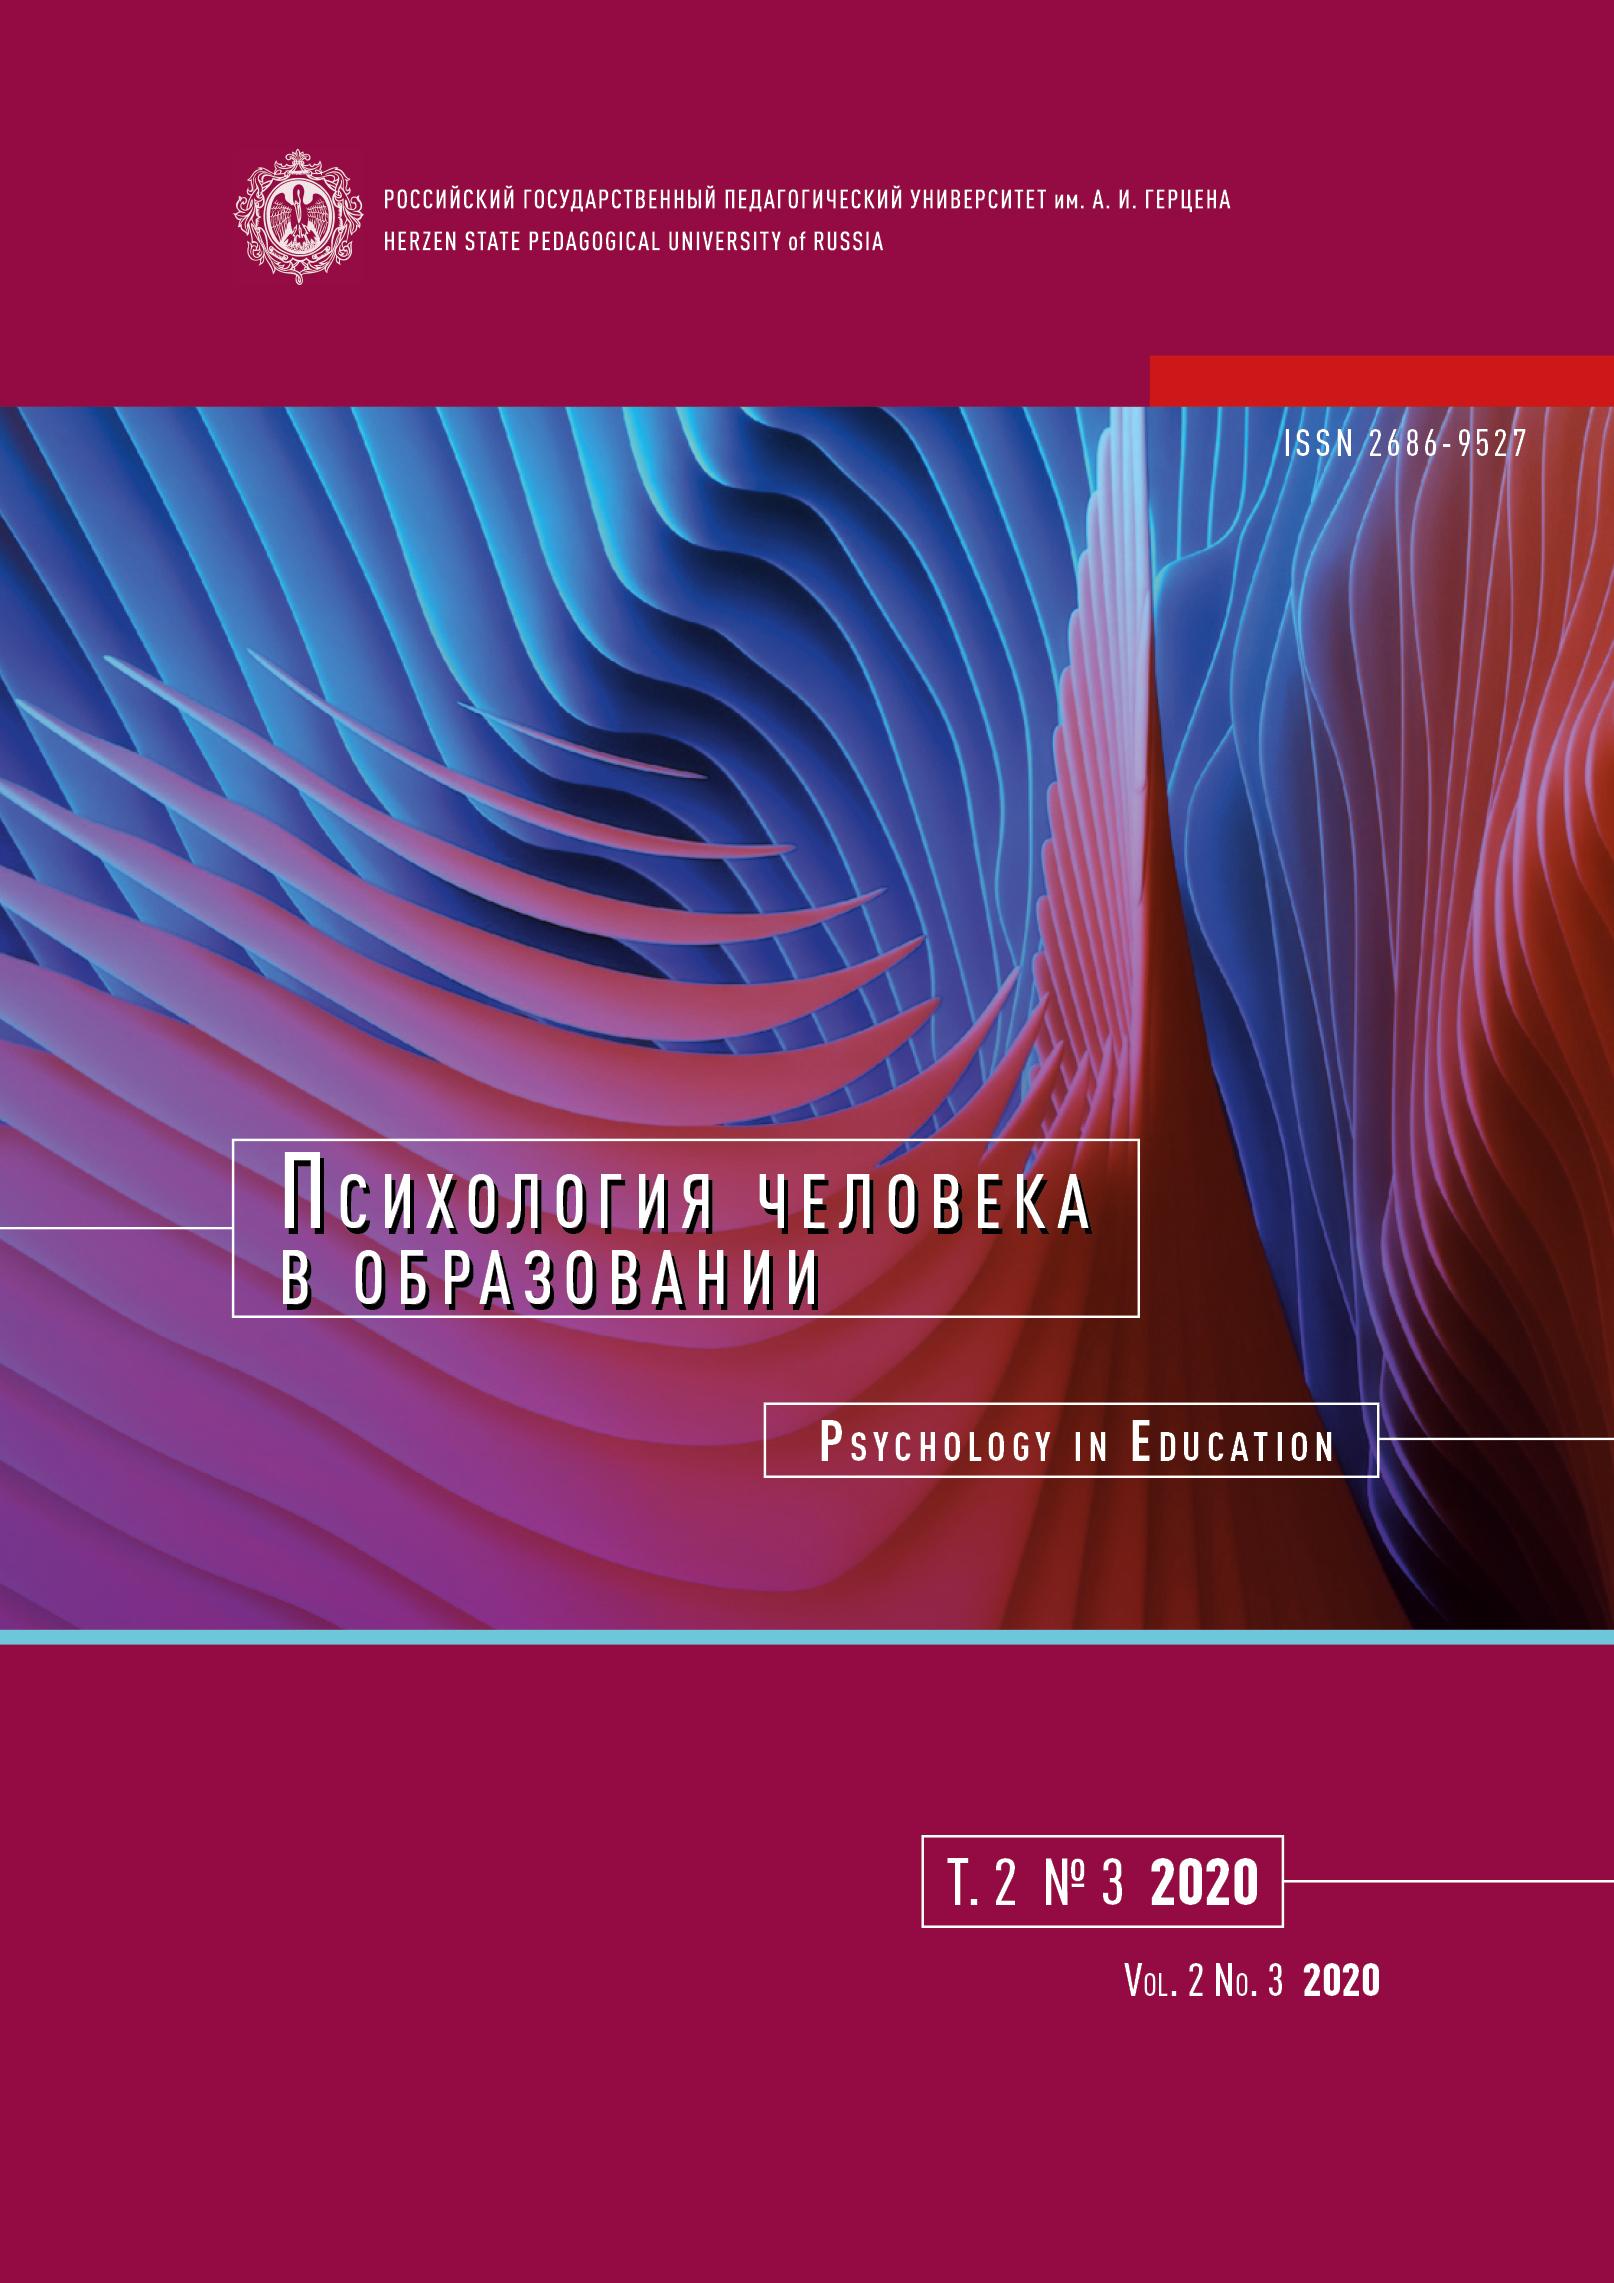 """Обложка журнала """"Психология человека в образовании"""" (т. 2, № 3)"""